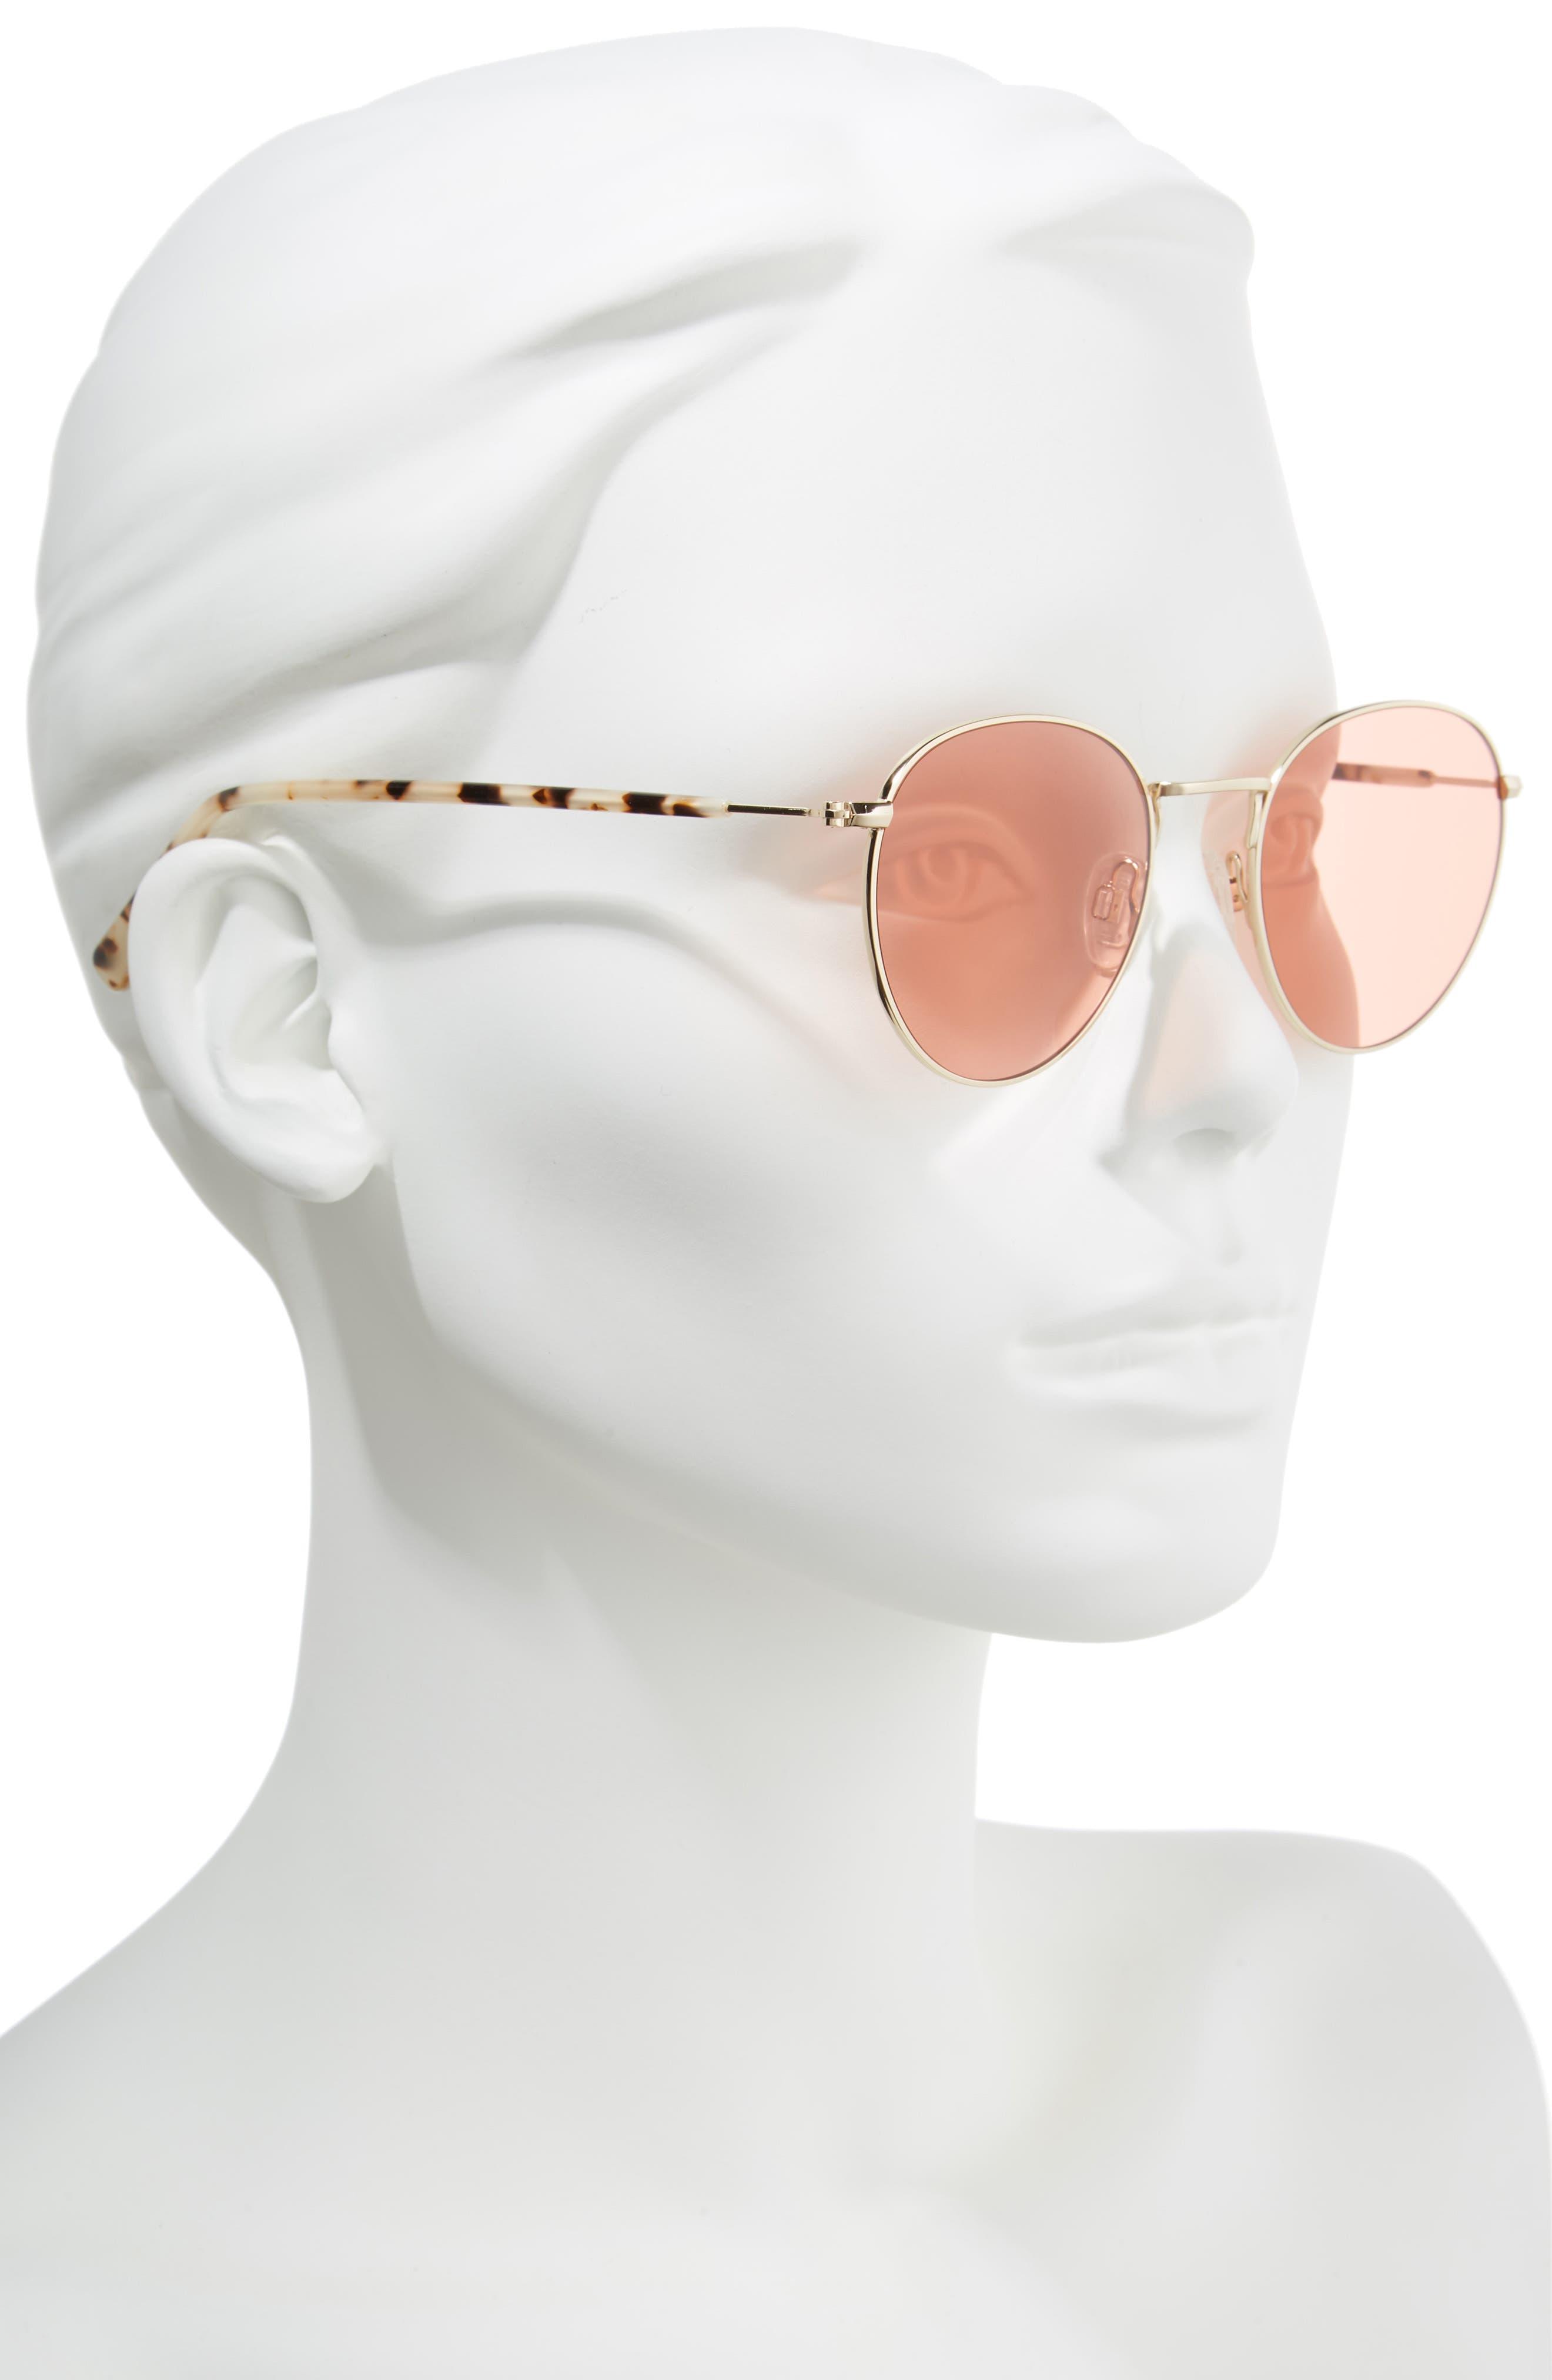 D'BLANC Prologue 48mm Sunglasses,                             Alternate thumbnail 2, color,                             710